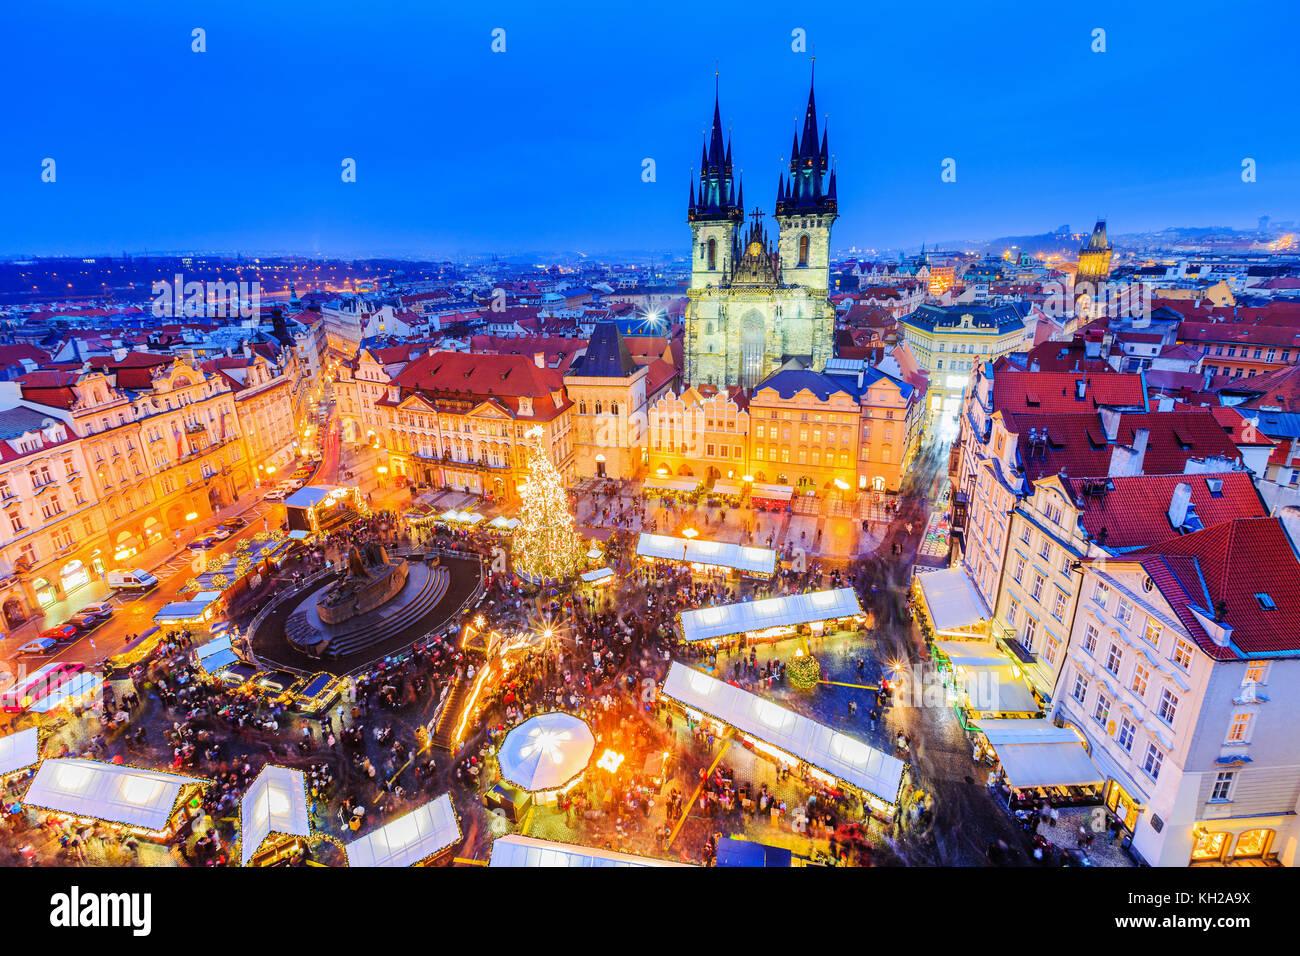 Praga, Repubblica Ceca Repubilc. Mercatino di Natale in Piazza della Città Vecchia. Immagini Stock